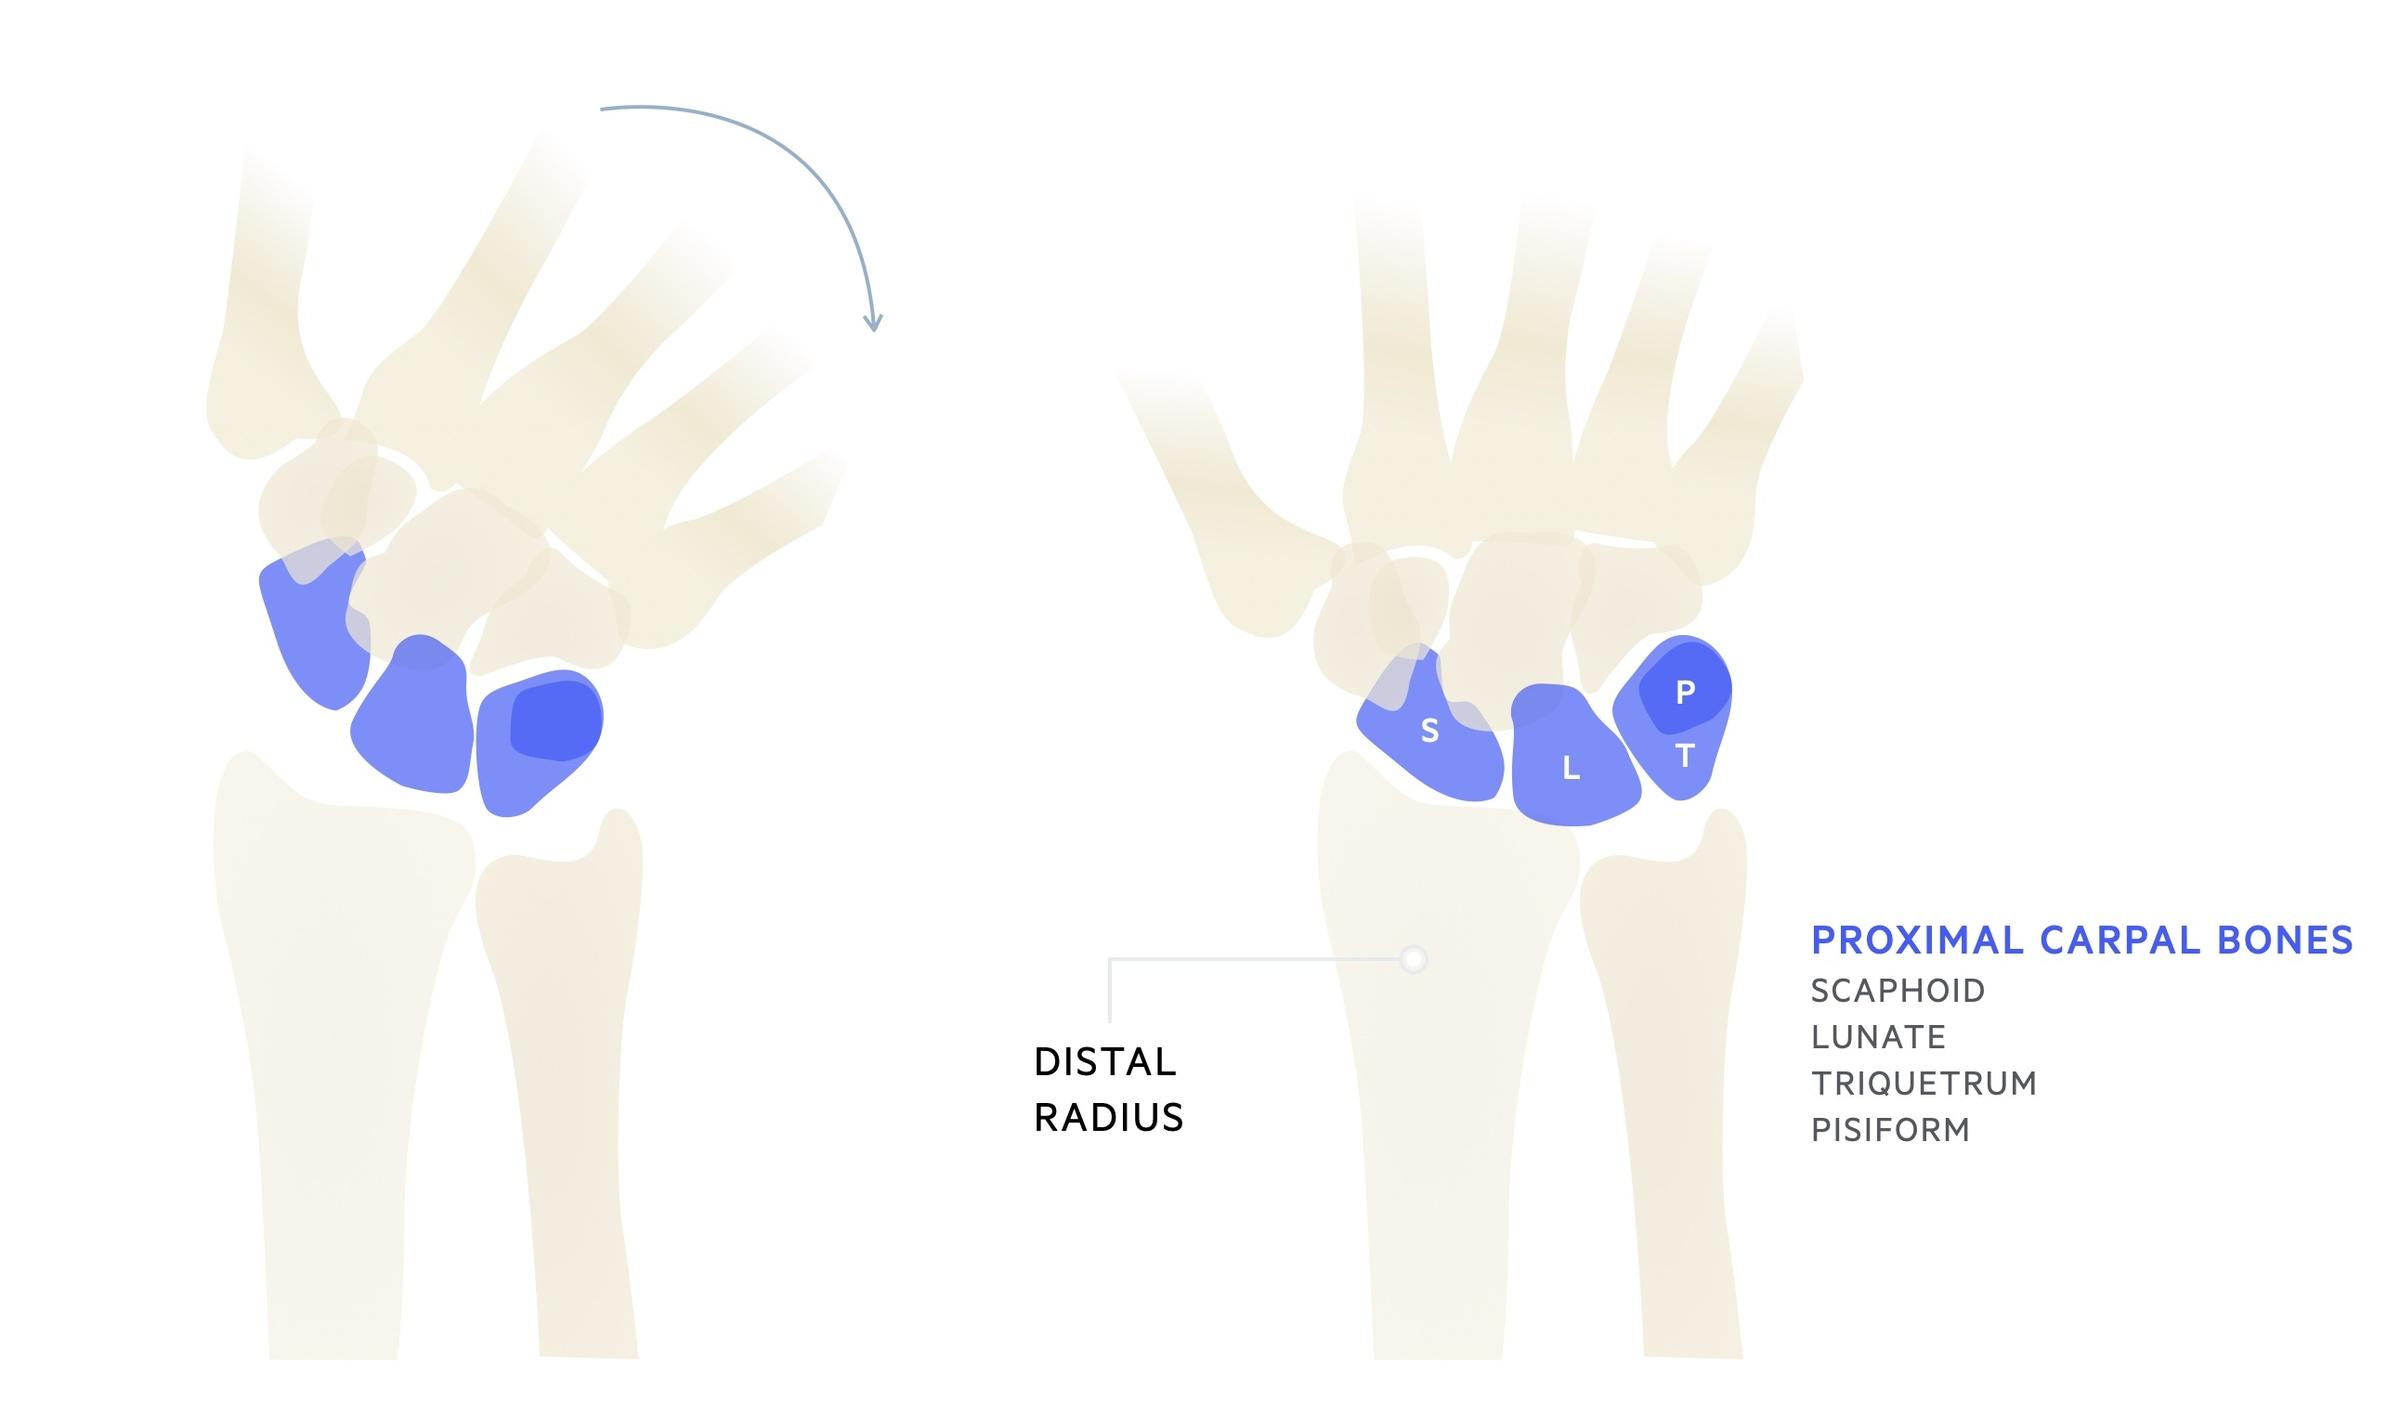 Radiocarpal joint